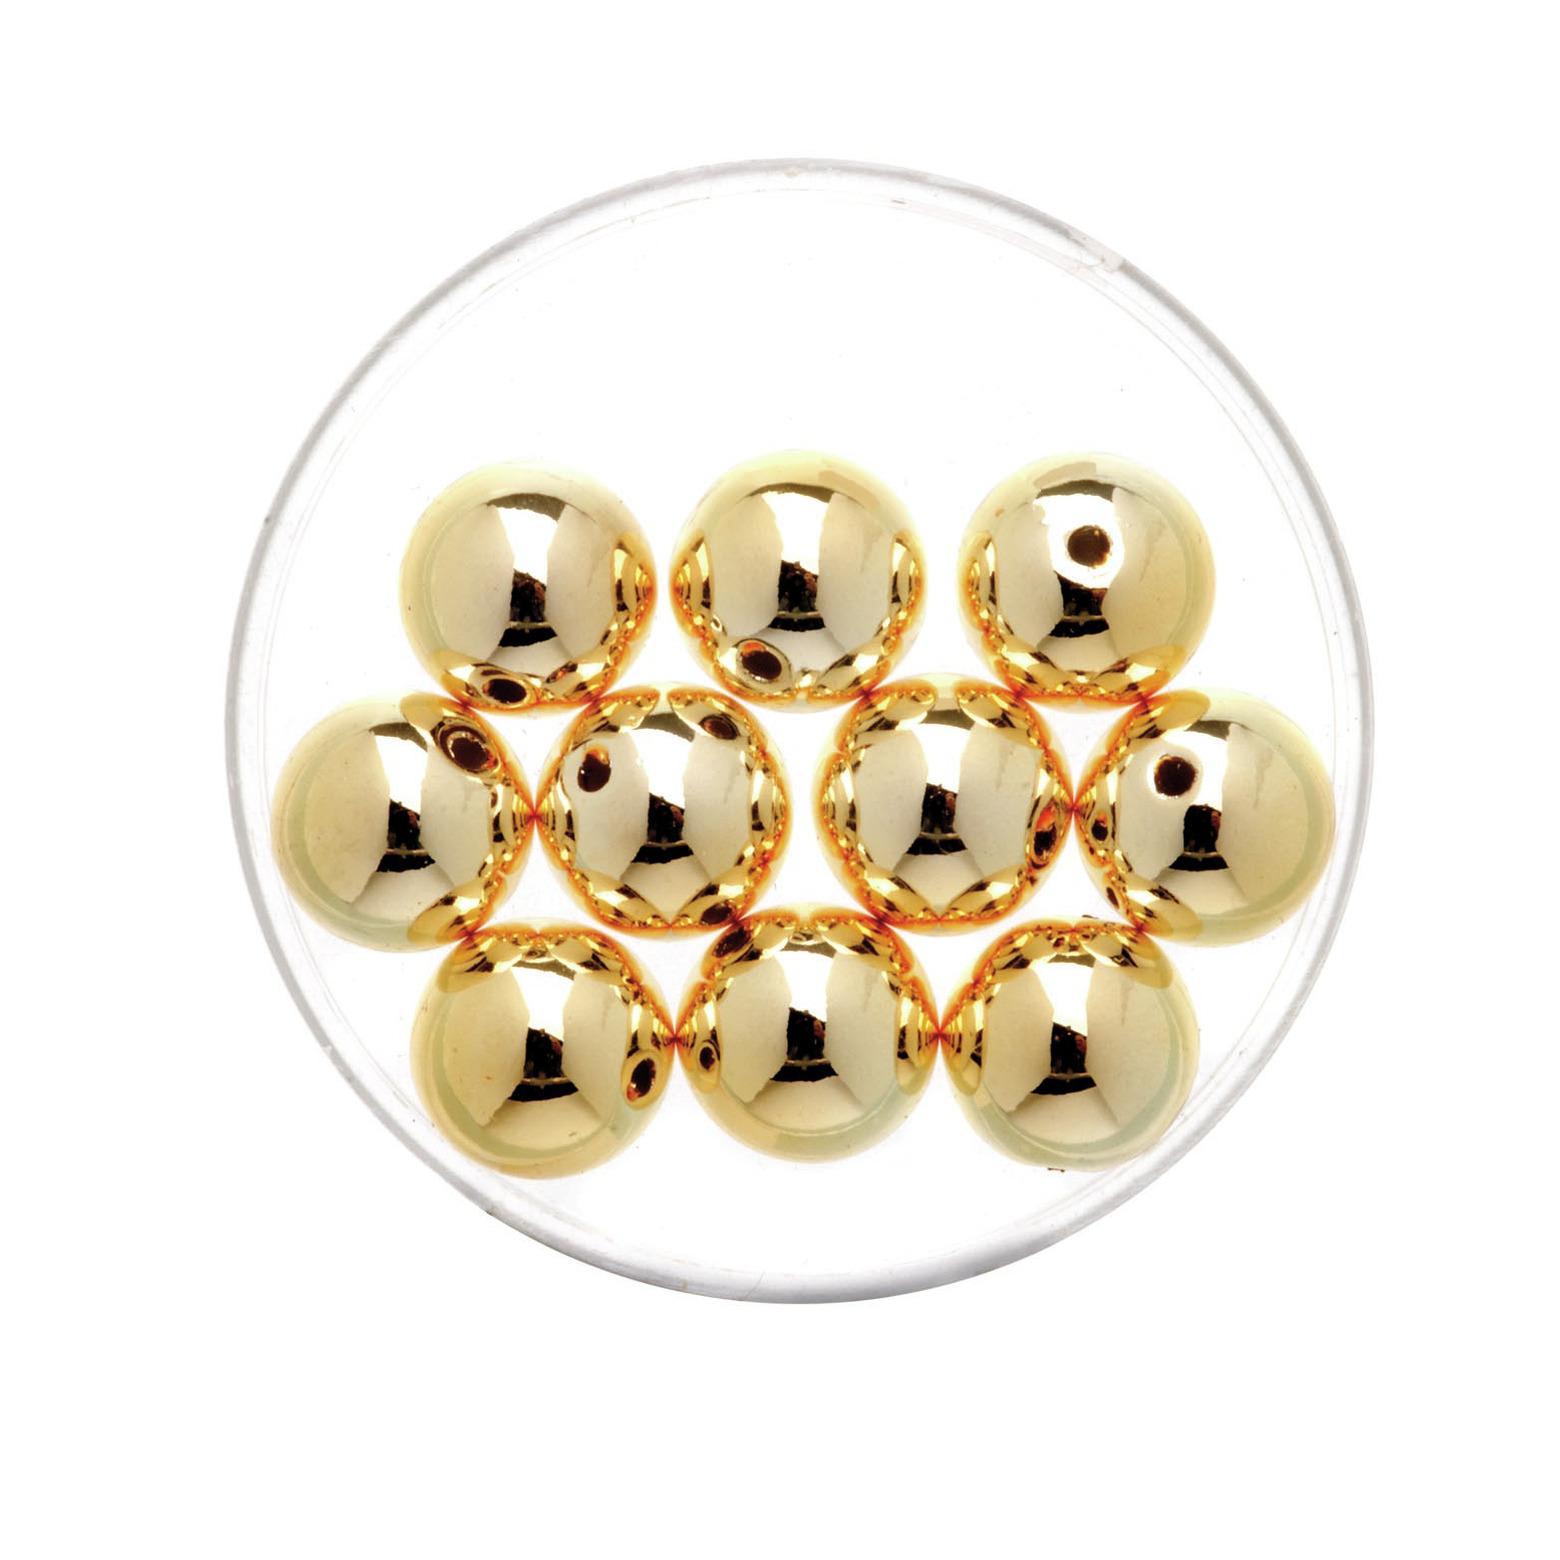 35x stuks metallic sieraden maken kralen in het goud van 6 mm